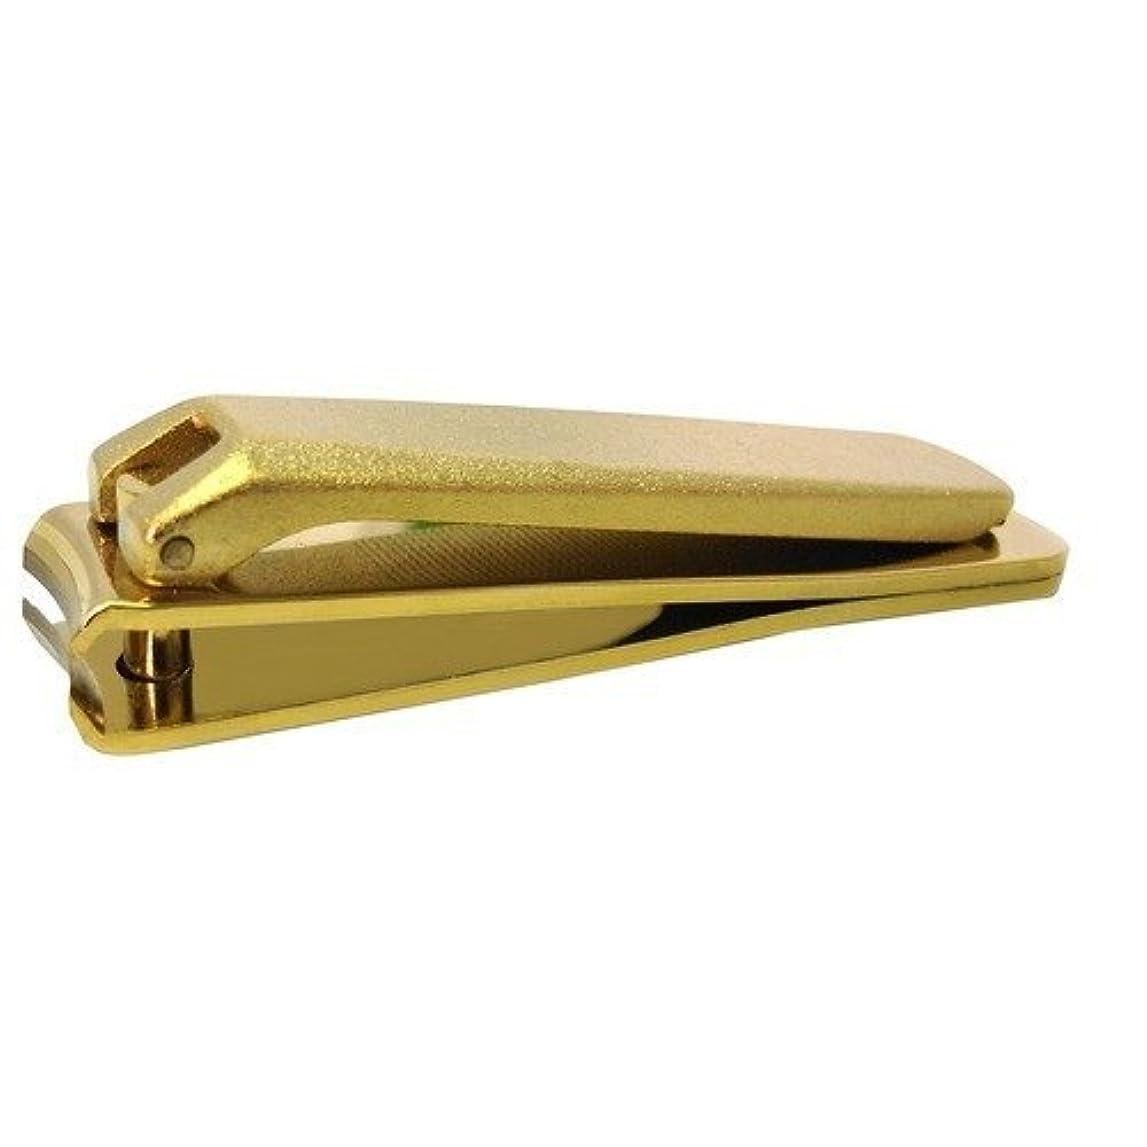 遠い極貧ペイントKD-031 関の刃物 ゴールド爪切 小 カバー無